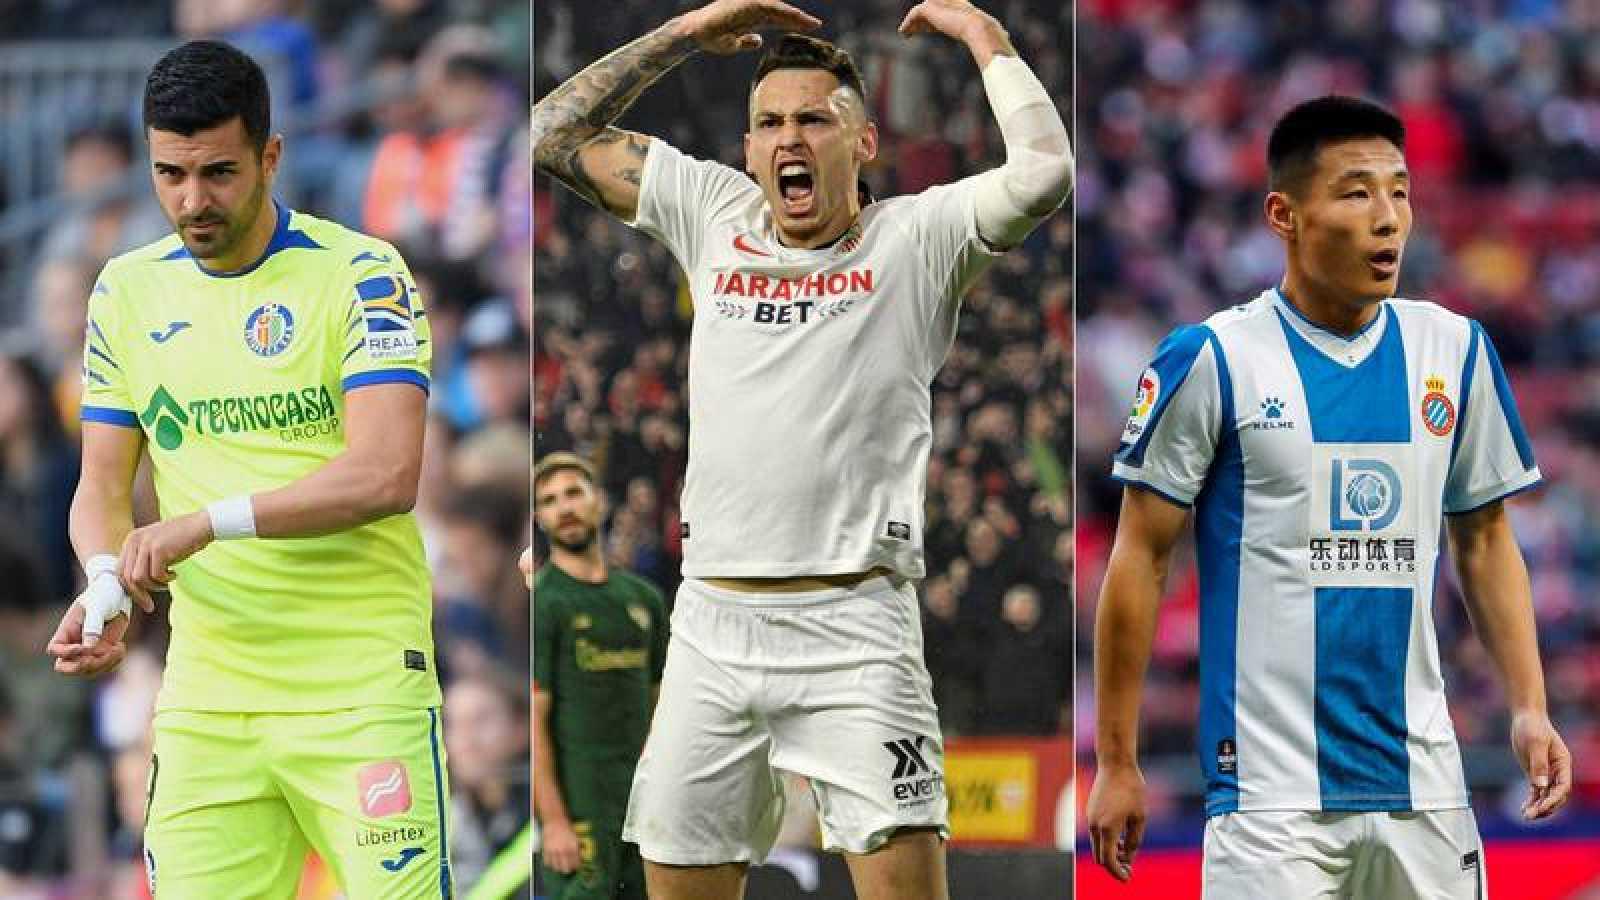 Montaje con las imágenes de los jugadores Ángel Rodríguez, Lucas Ocampos y Wu Lei.